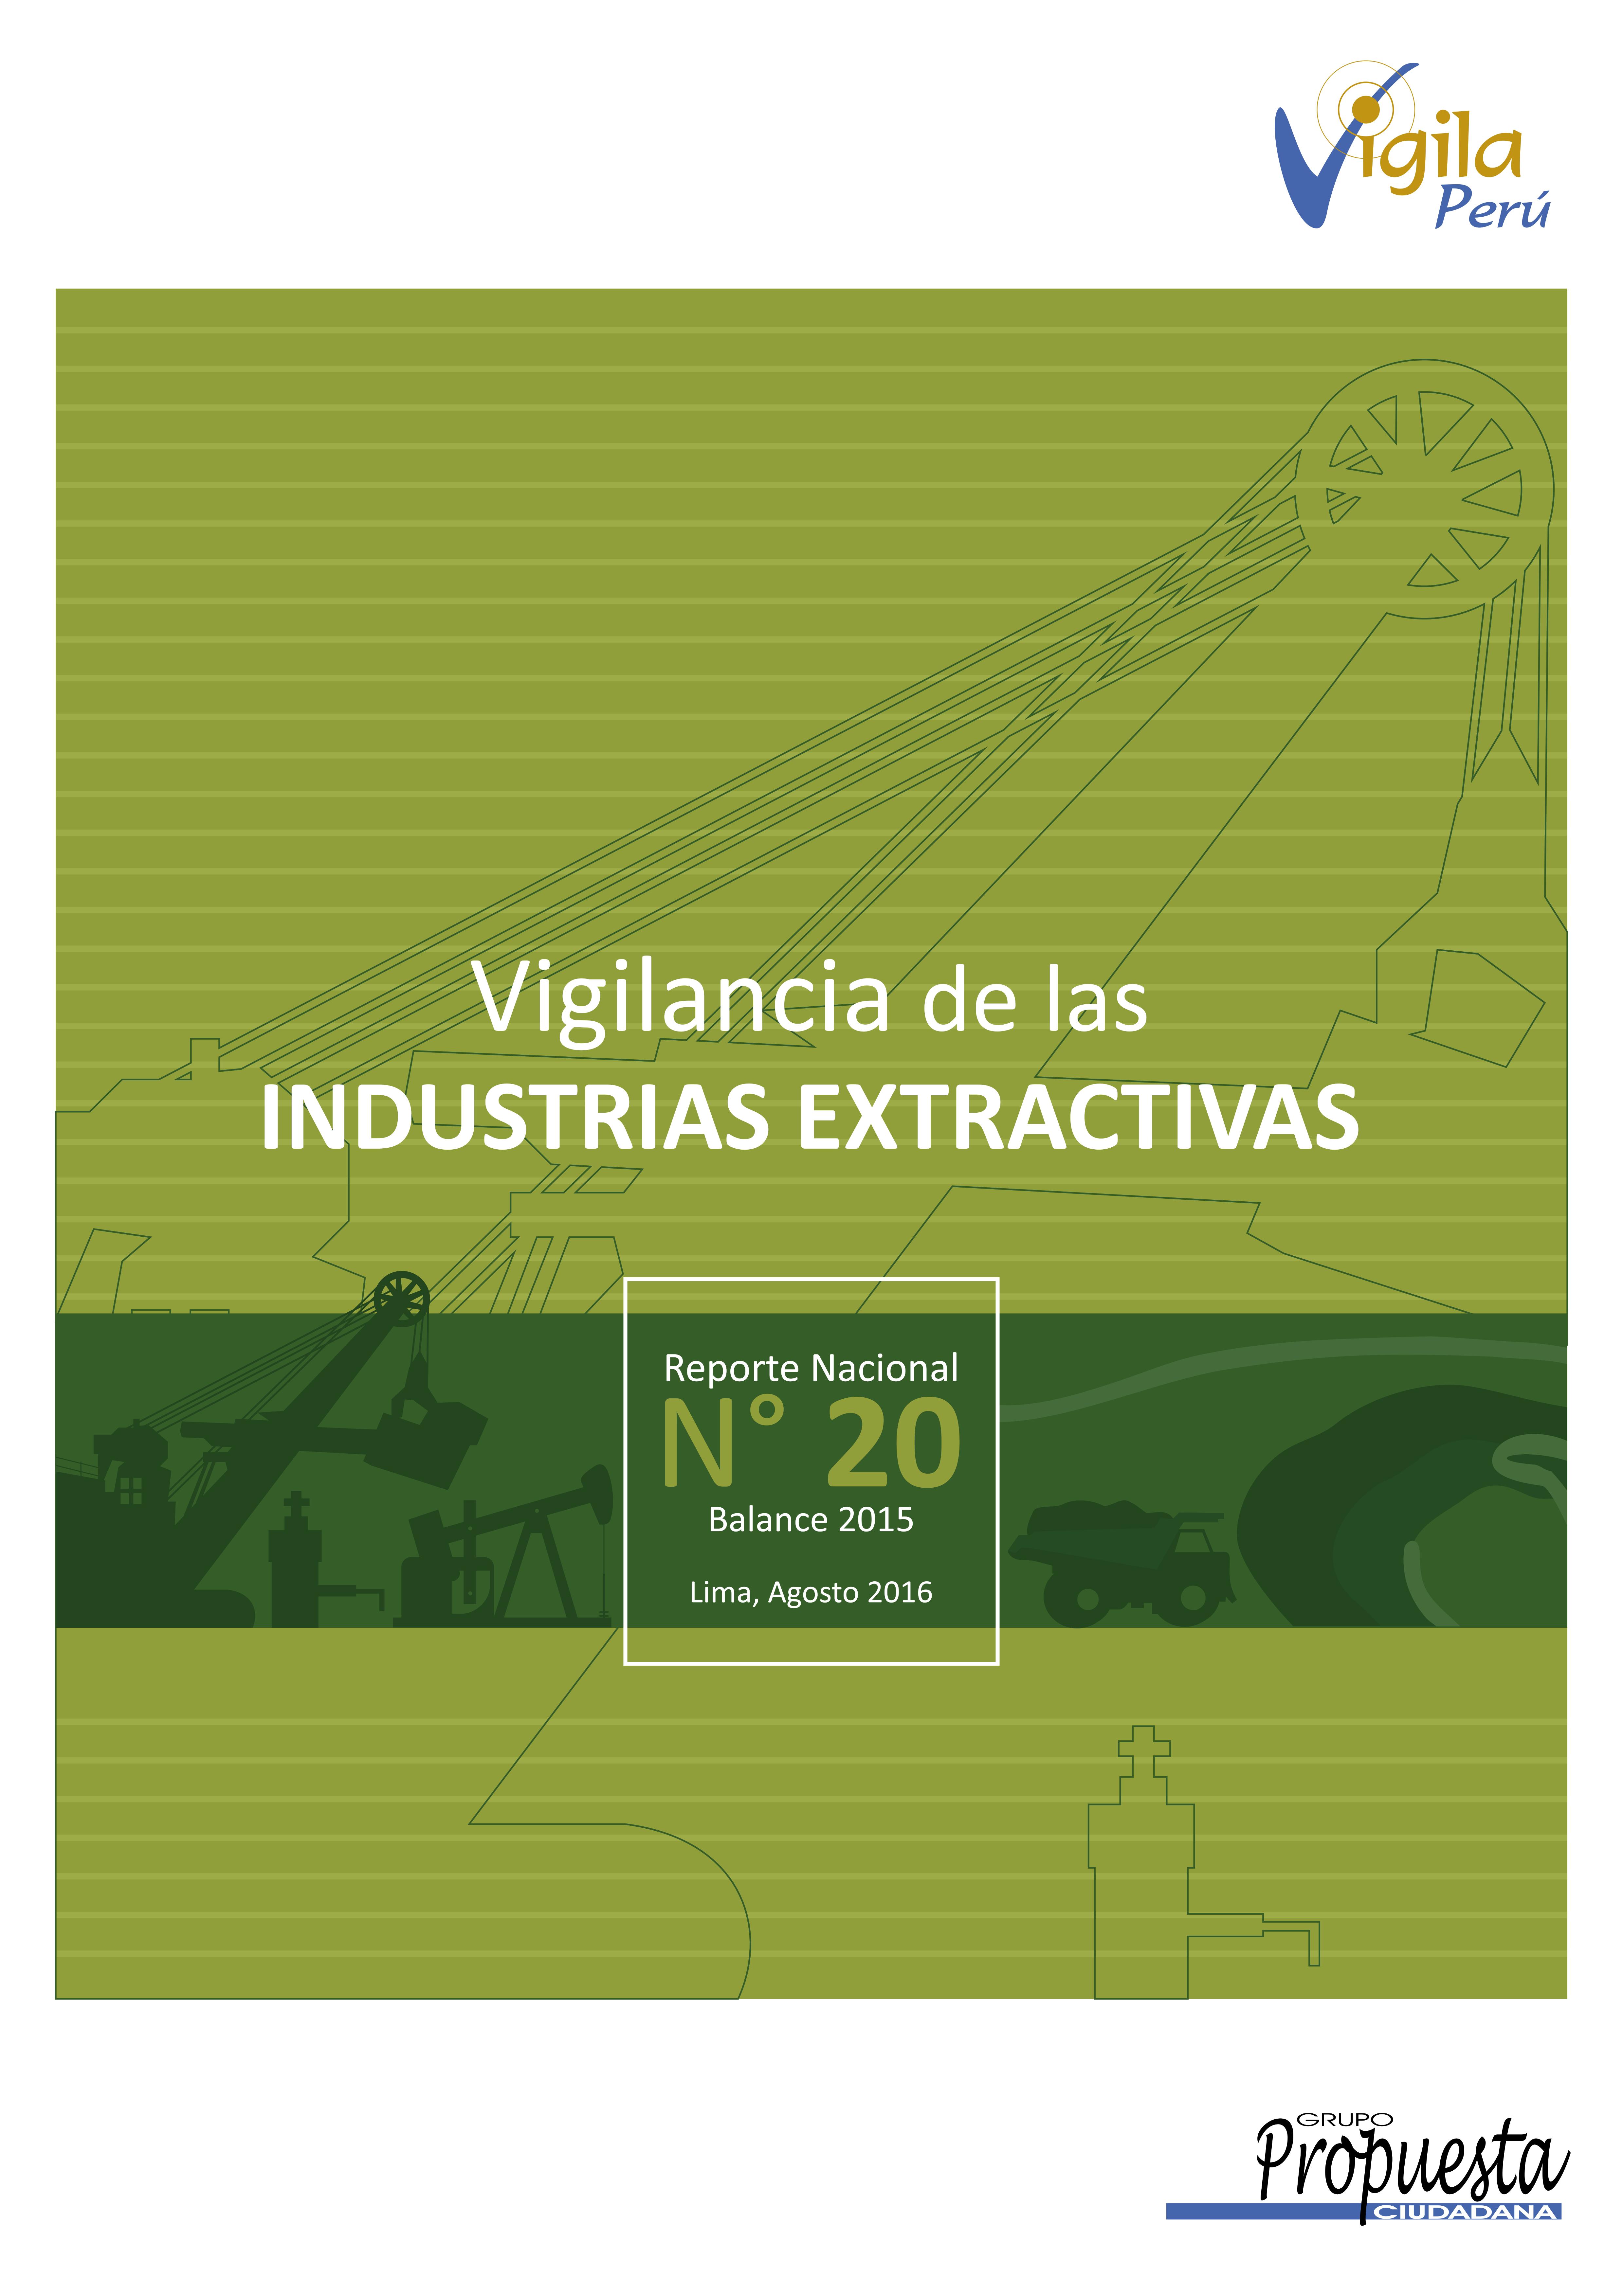 vigilancia_de_las_industrias_extractivas_reporte_nacional_N°_20_balance_2015_001